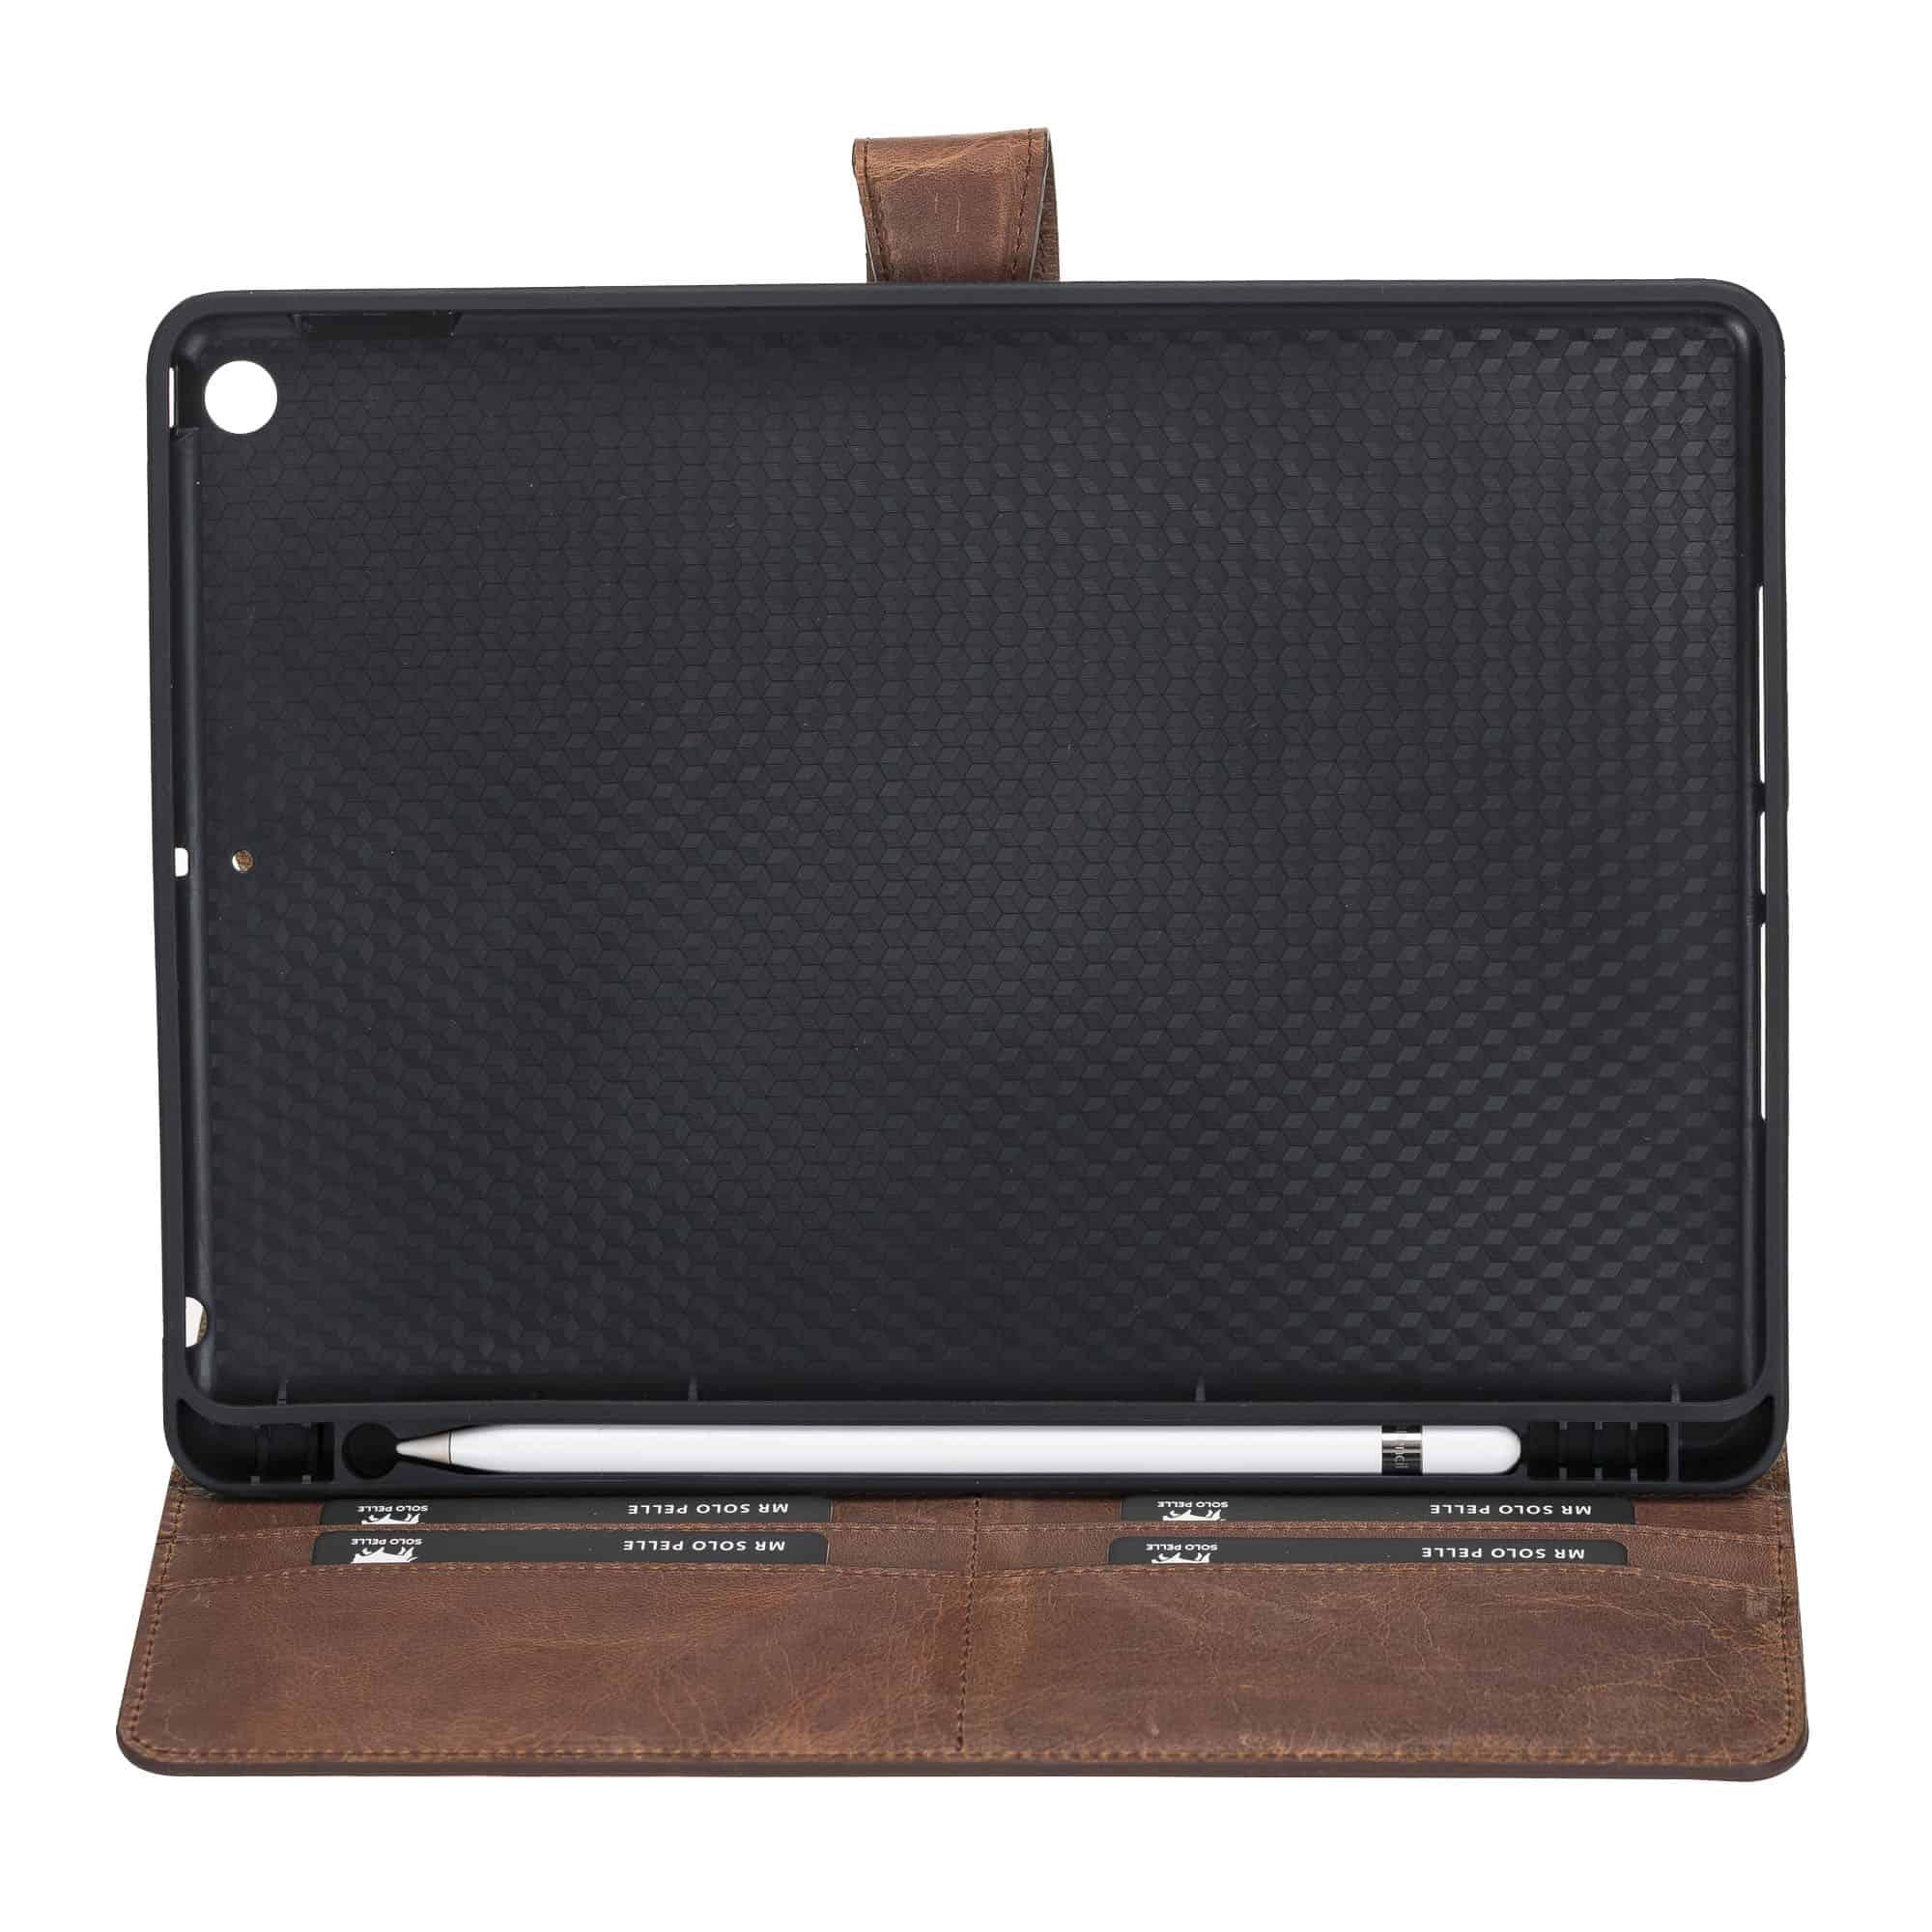 Solo Pelle magnetische abnehmbare Hülle Harvard geeignet für Apple iPad 10,2 Zoll 2019 7.Generation Hülle Leder Case aus echtem Leder. Unterstützt Pencil 2 und magnetisches Laden. (Schwarz)